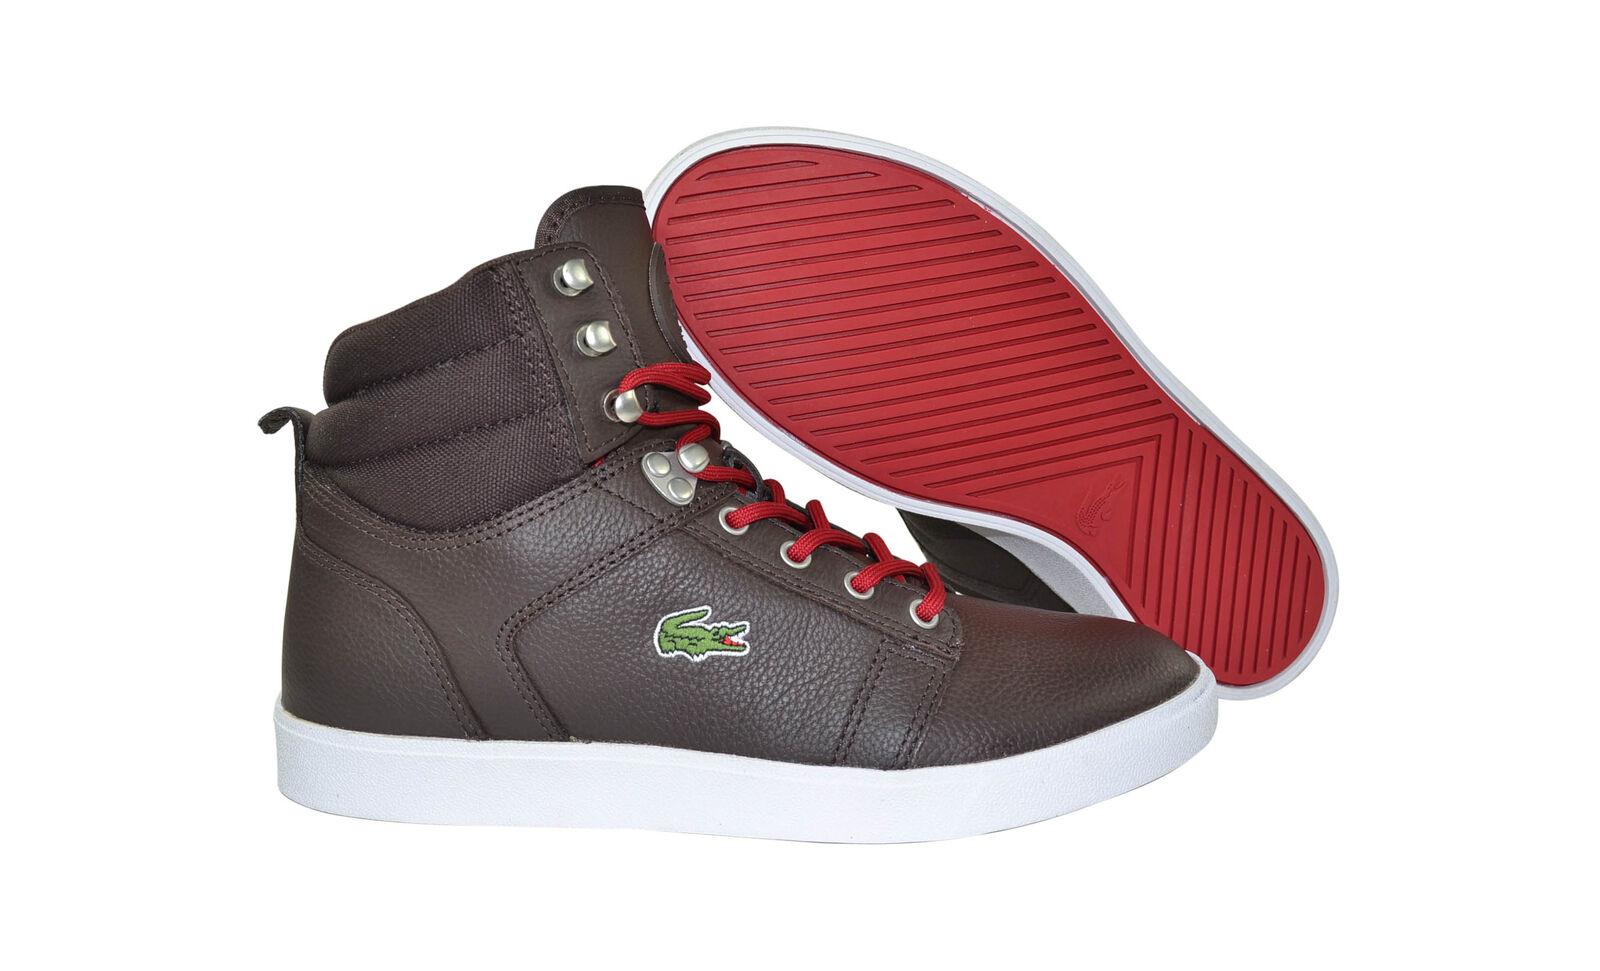 Lacoste Orelle URW SPM Größenauswahl dark Marrón/dark Marrón Zapatos/botas Größenauswahl SPM 7b2e82